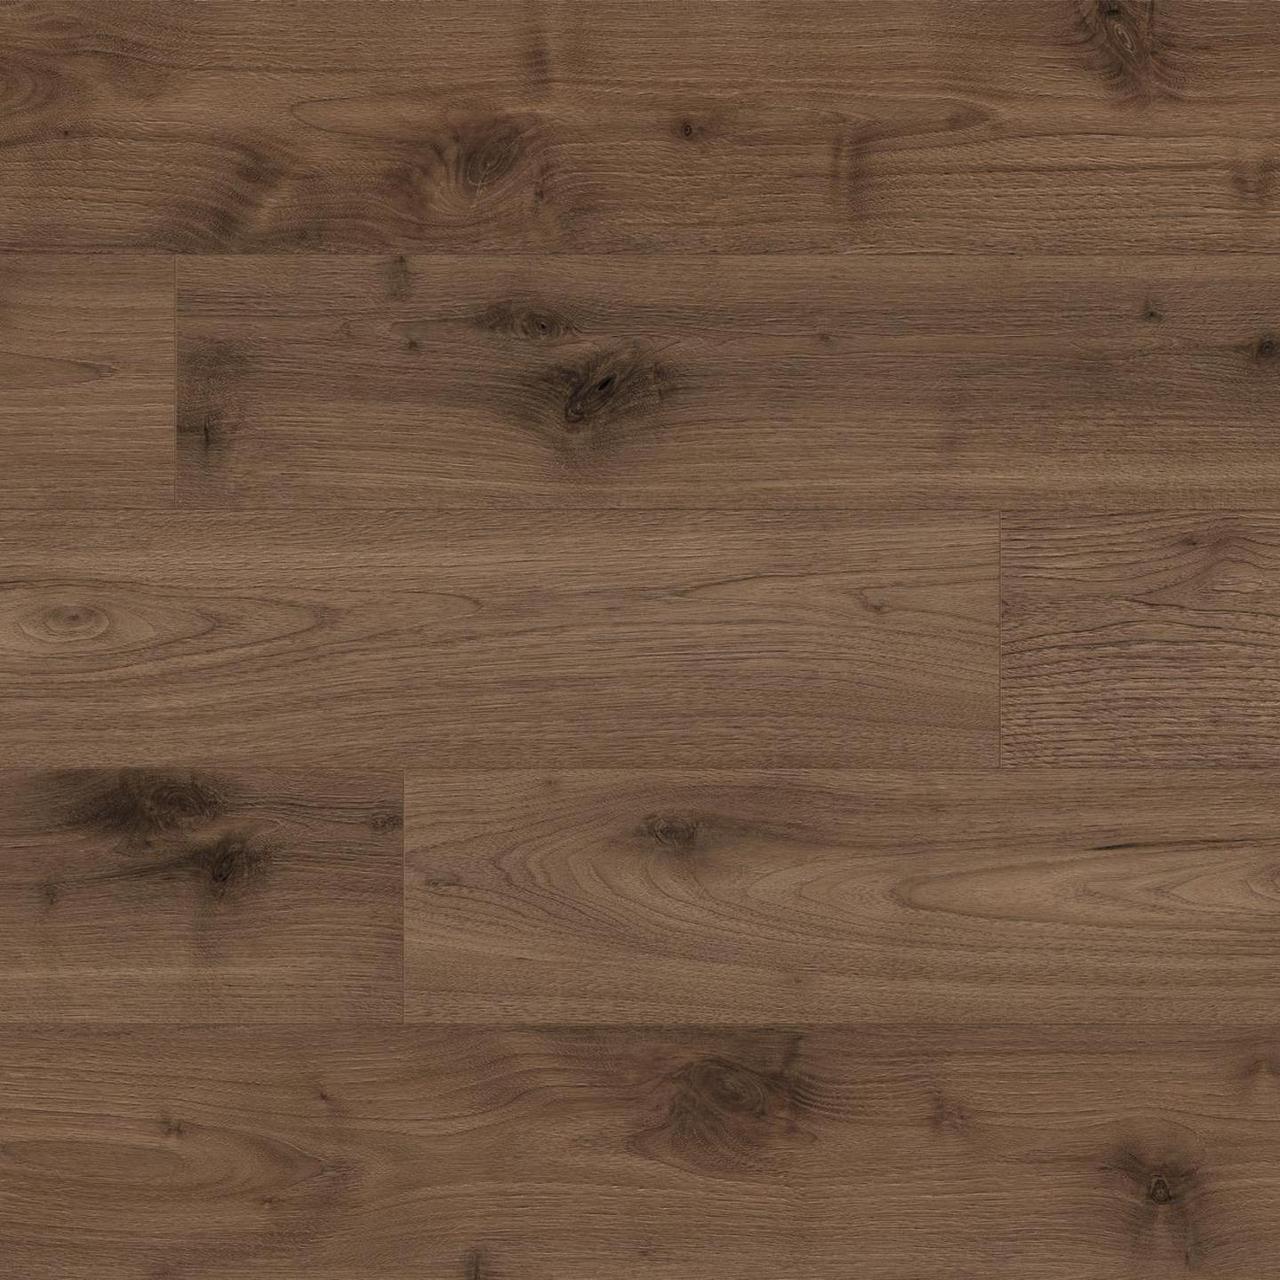 Ламинат Kaindl, Classic Touch, цвет Орех Сабо, К4367